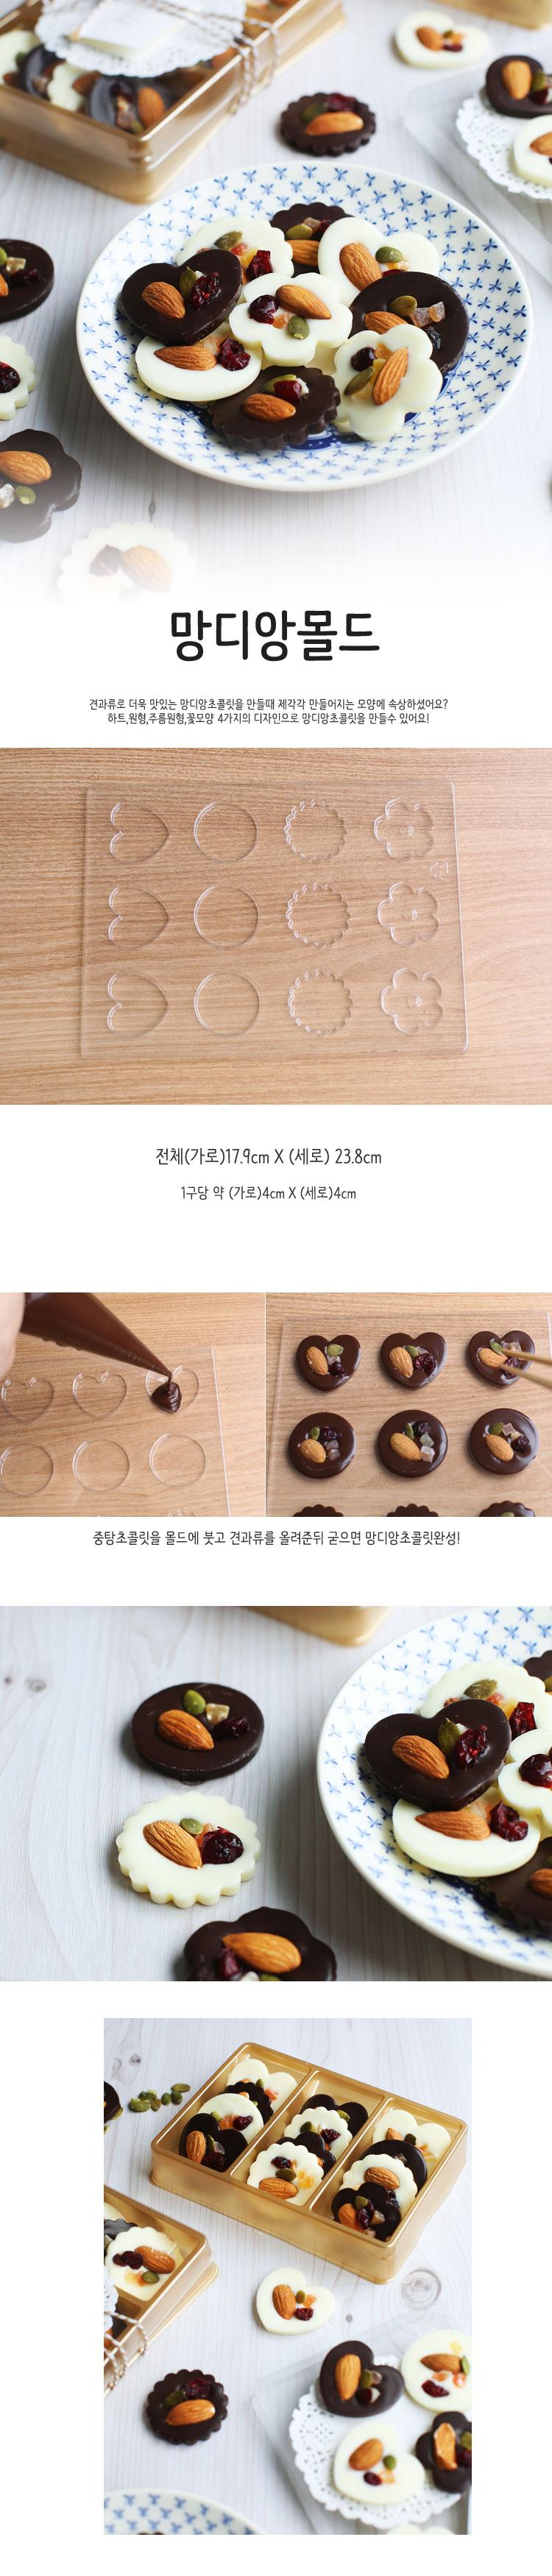 망디앙 초콜릿몰드 12구 - 이홈베이킹, 1,000원, DIY재료, 만들기도구